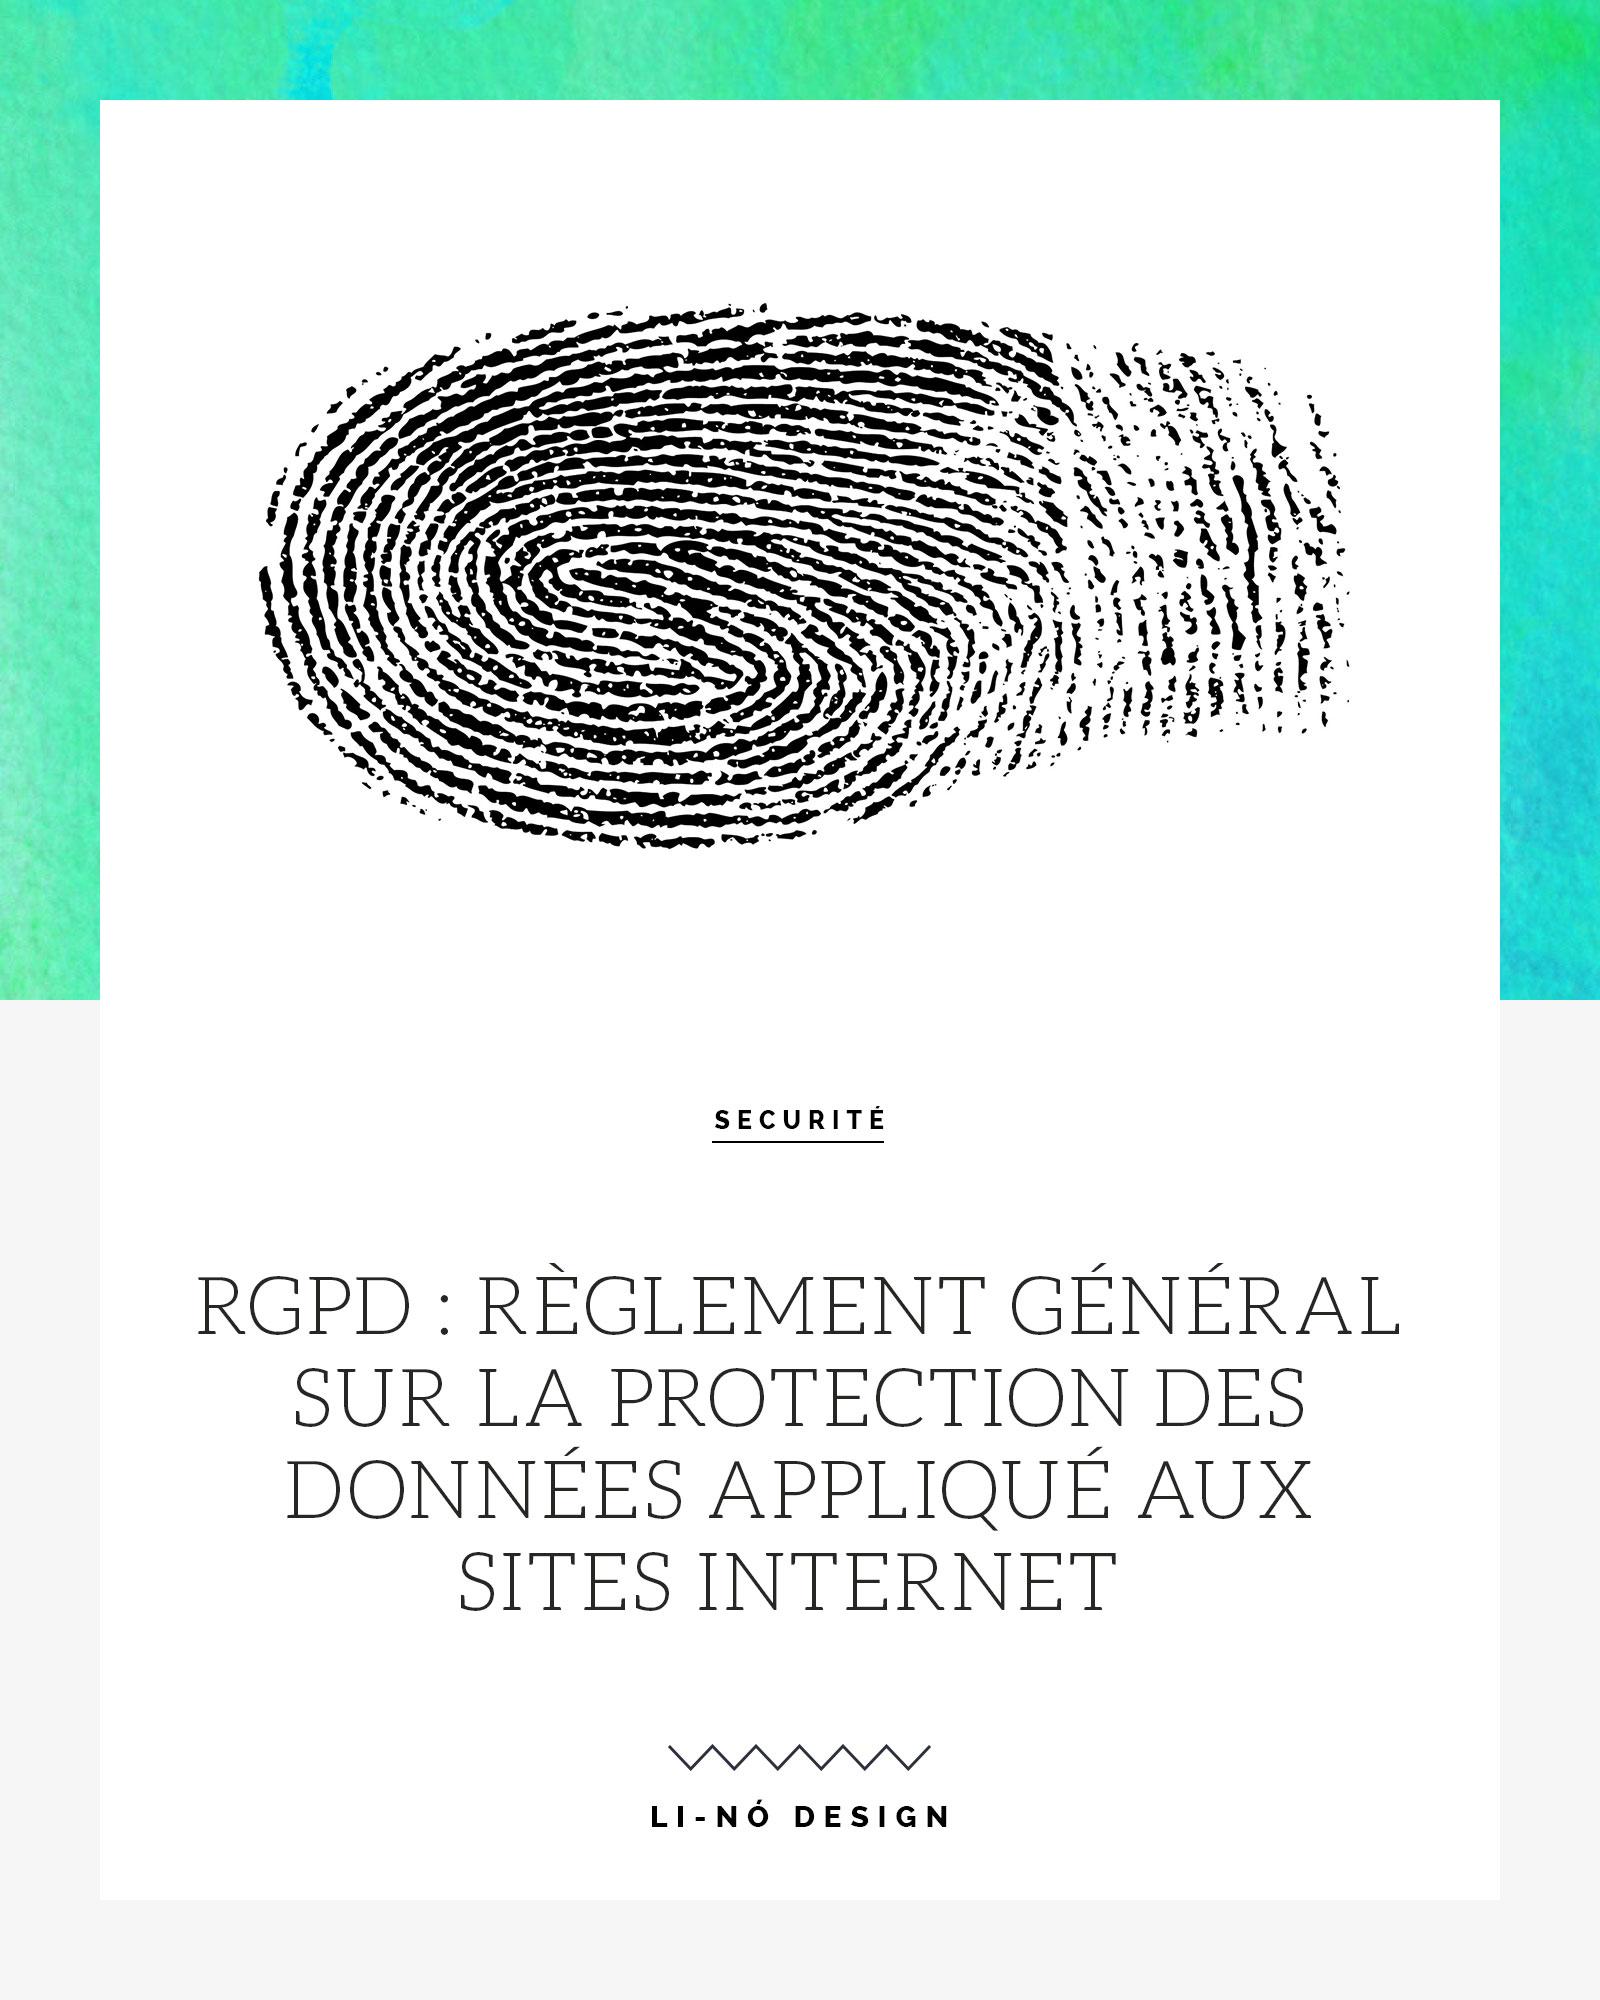 RGPD - Protection des Données appliqué aux sites Internet